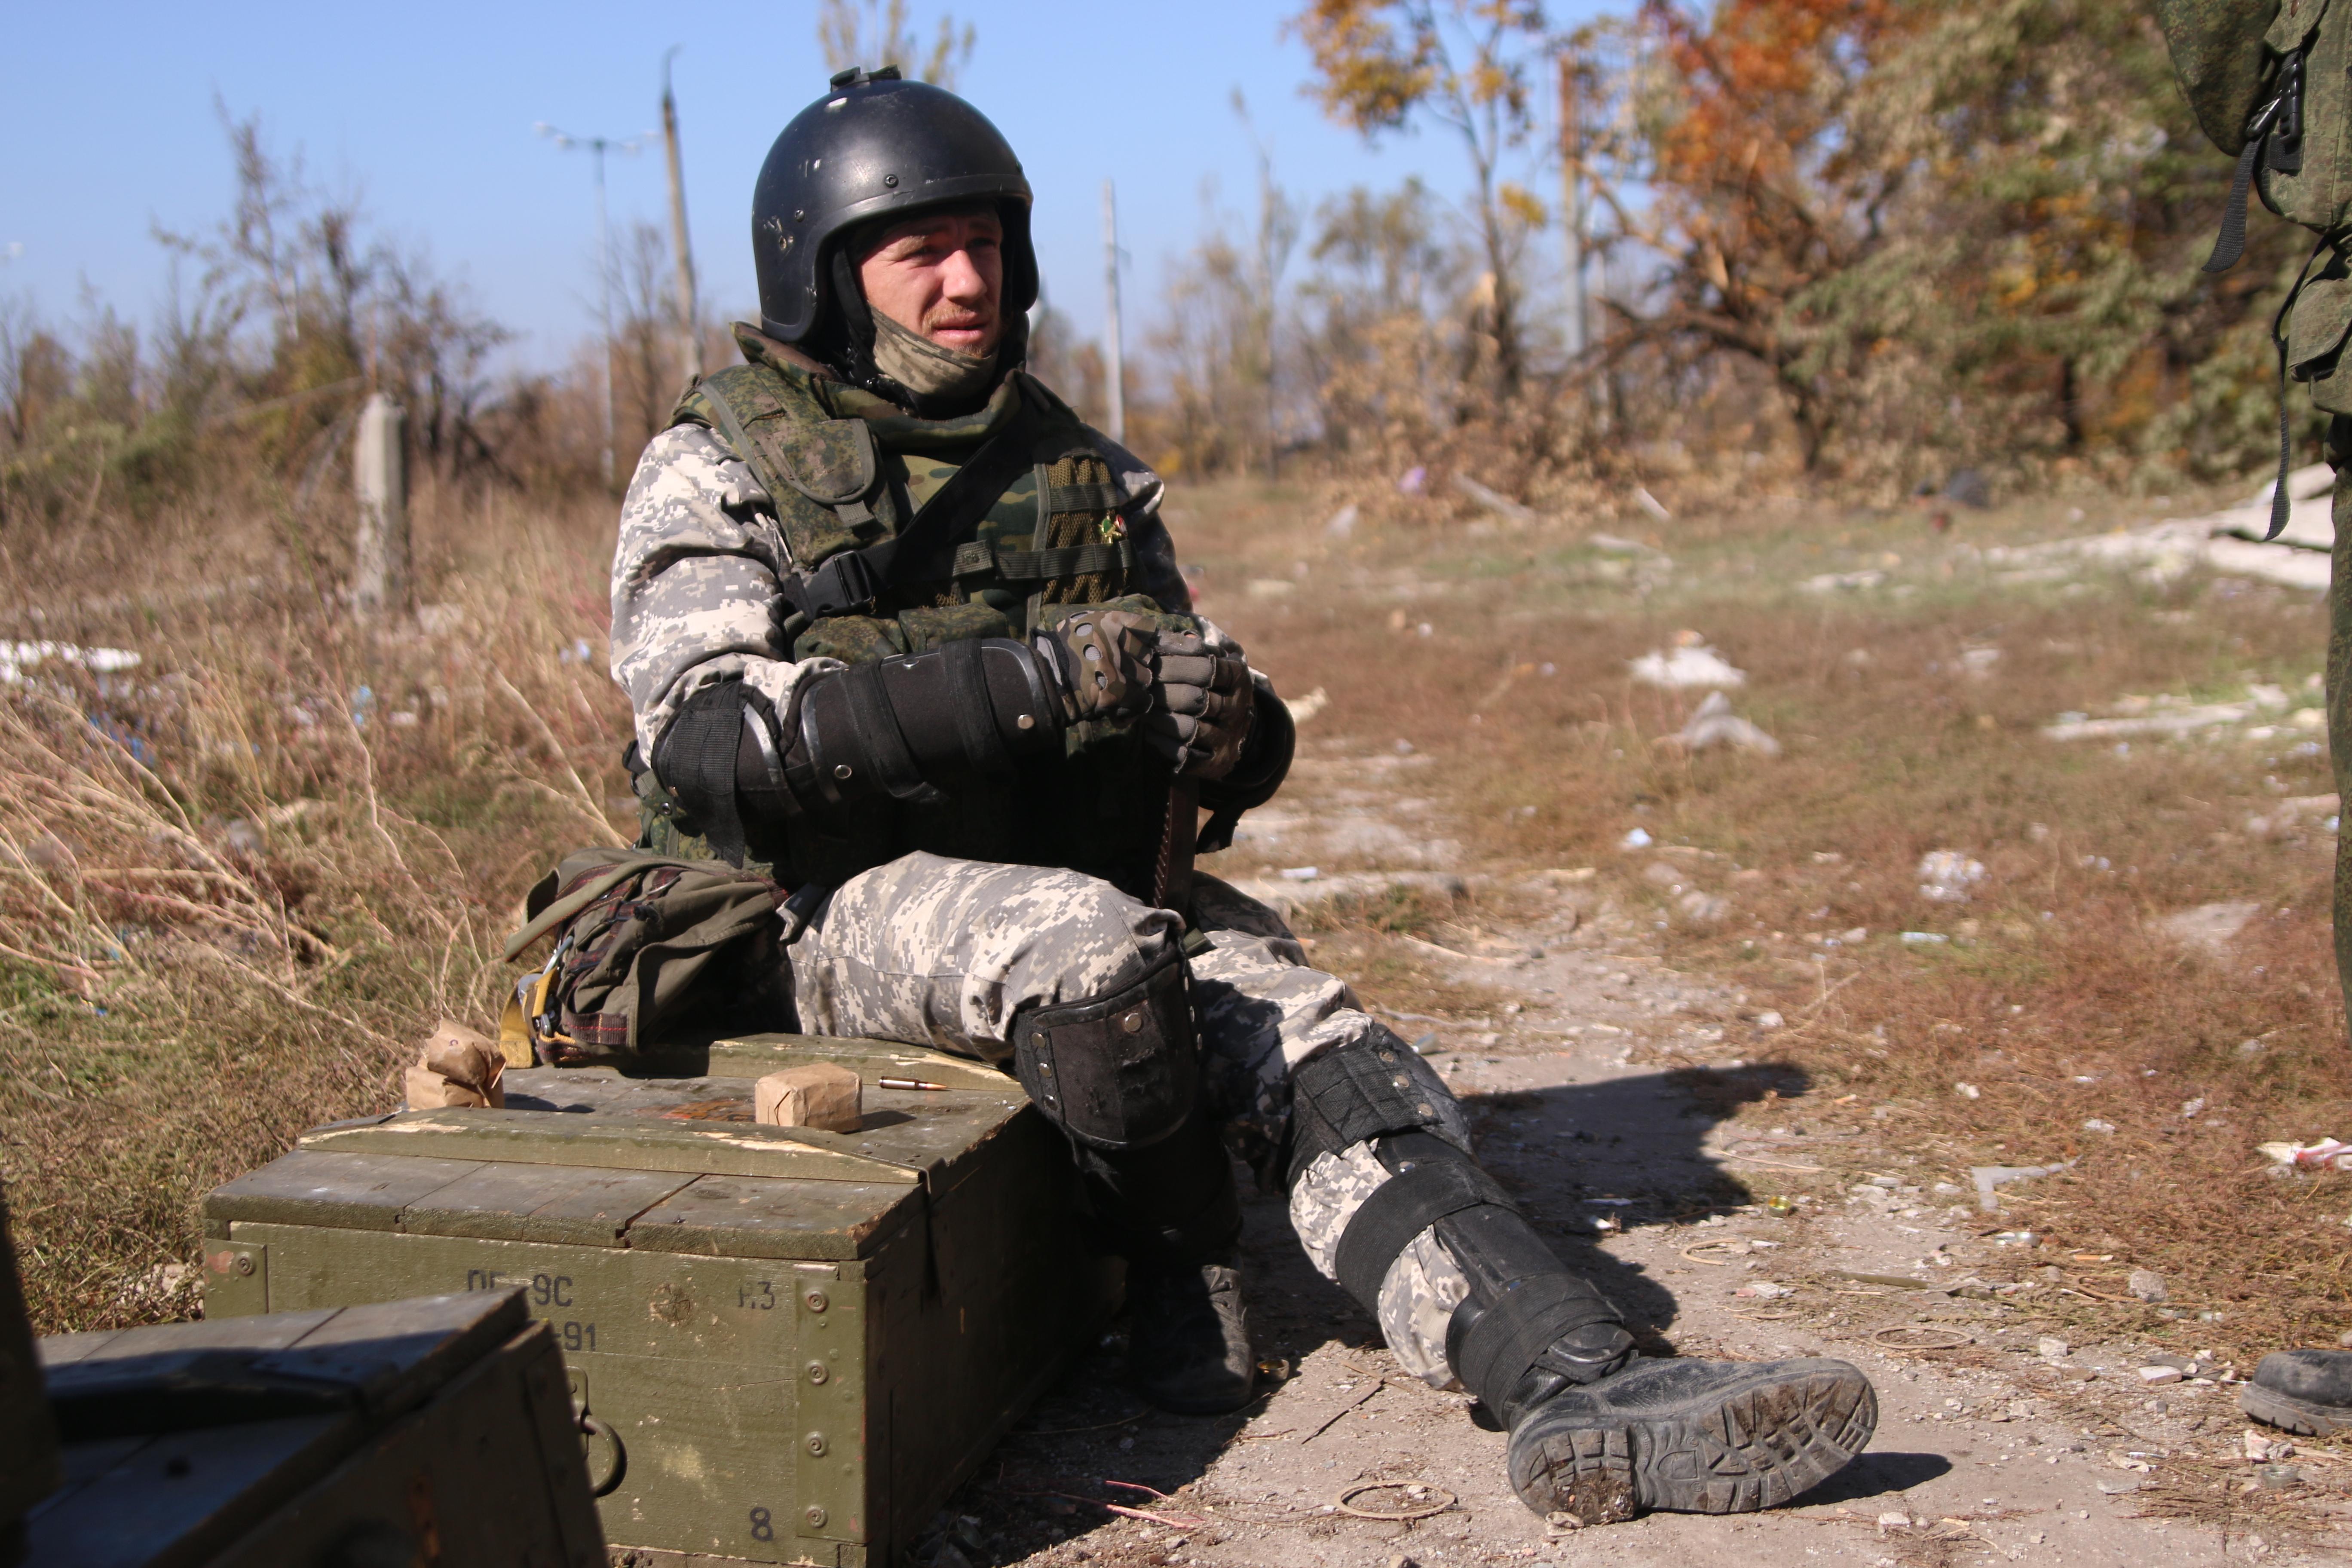 Легендарный командир ополчения Арсен Павлов погиб в результате теракта